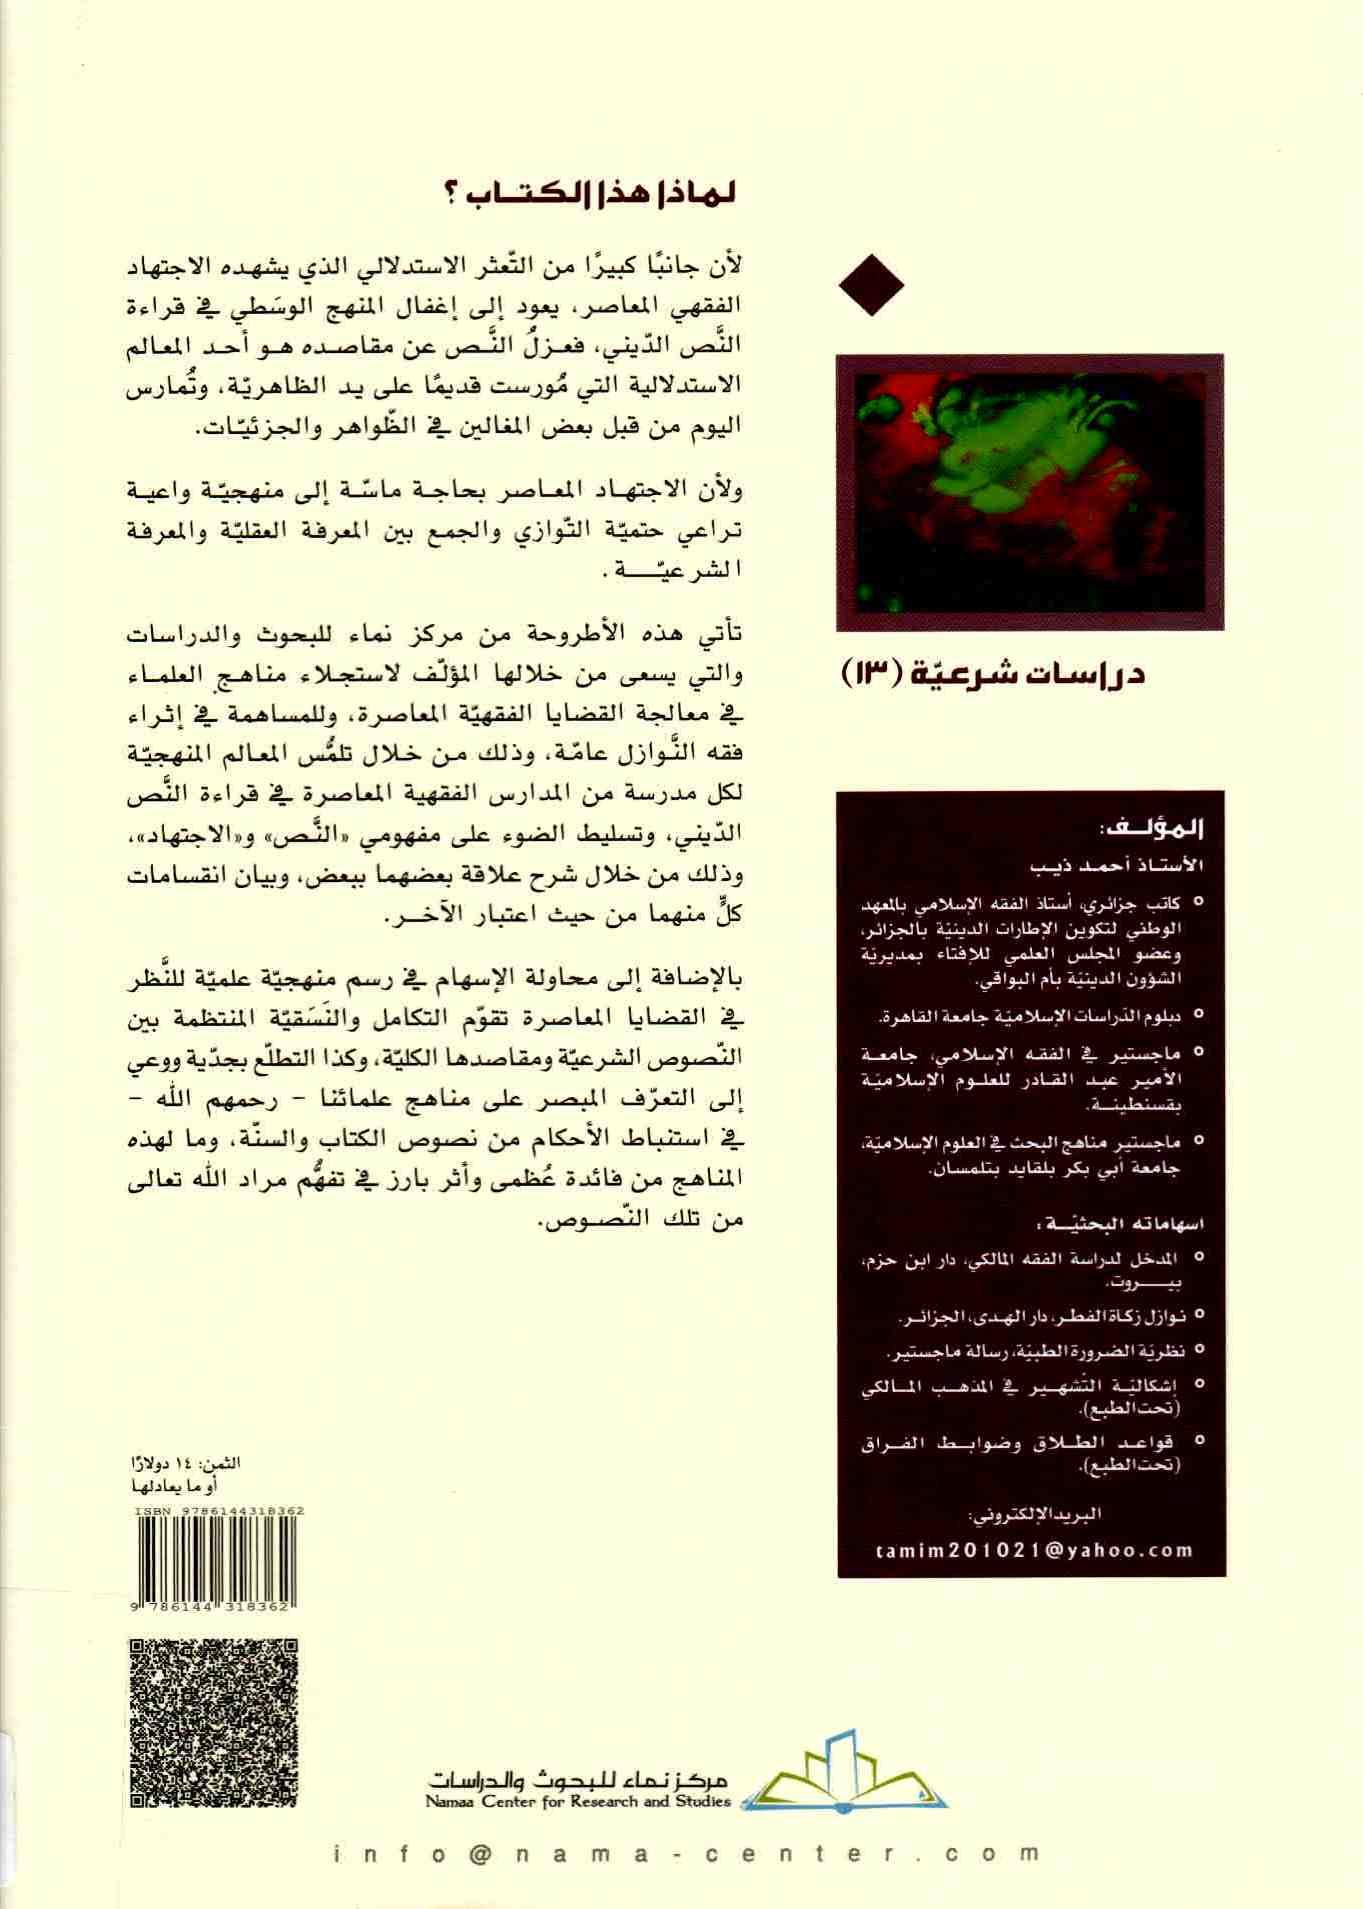 غلاف كتاب استثمار النص الشرعي